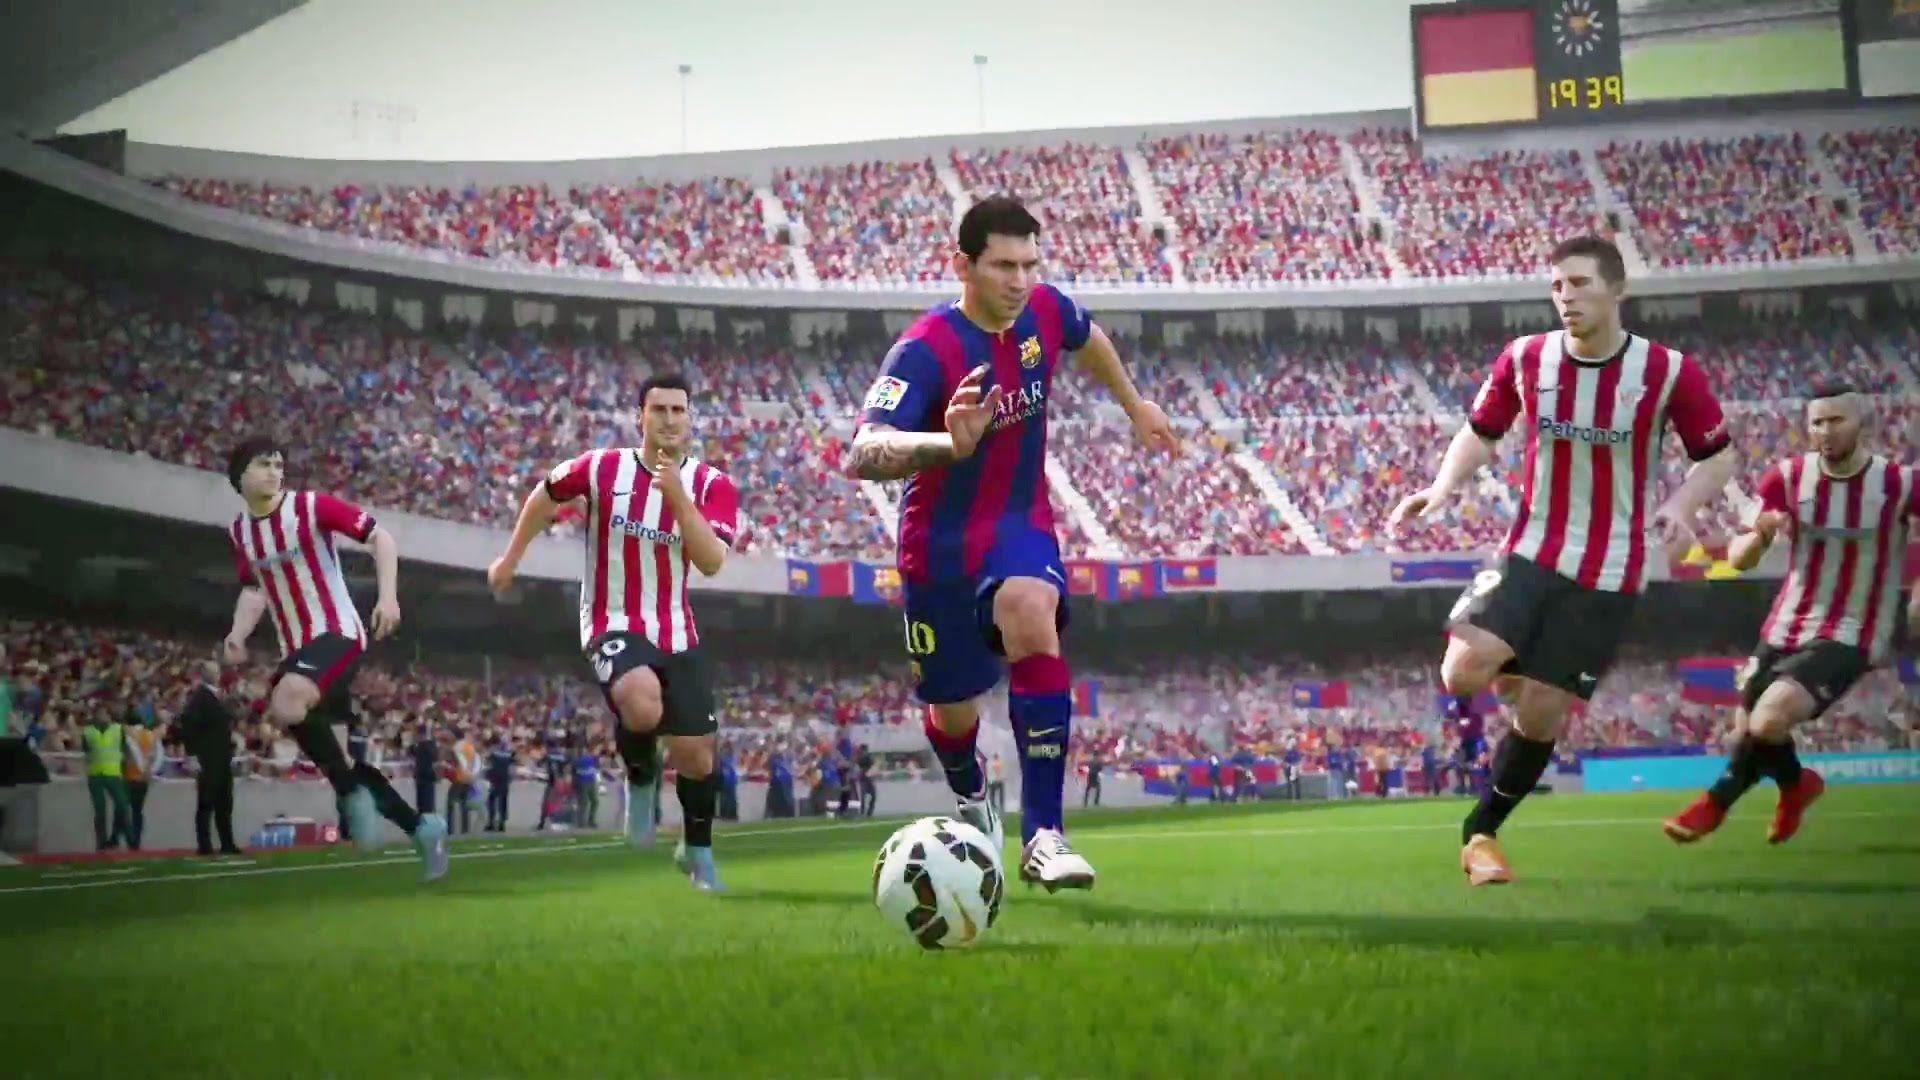 (MUY FÁCIL) ¿Cúal es la desarrolladora del FIFA?